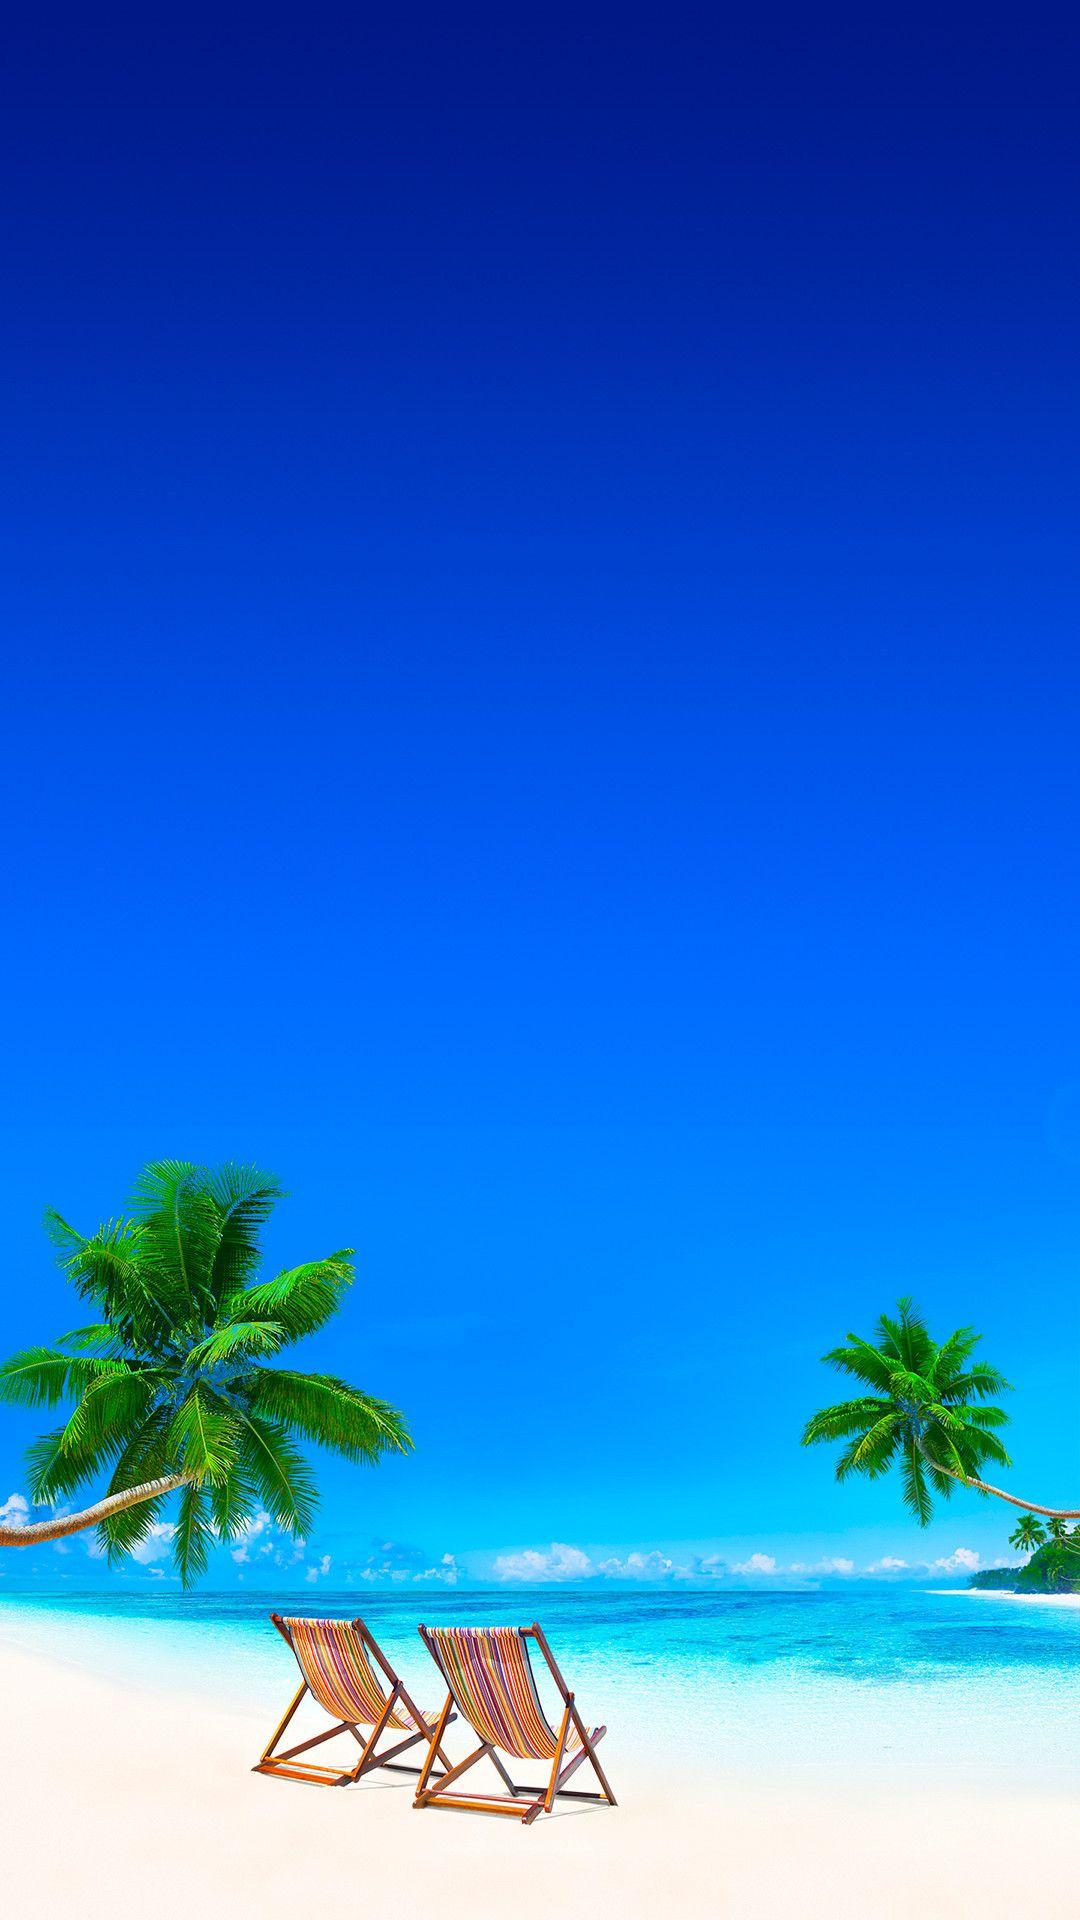 人気288位 綺麗なビーチ ビーチ ビーチの壁紙 風景の壁紙